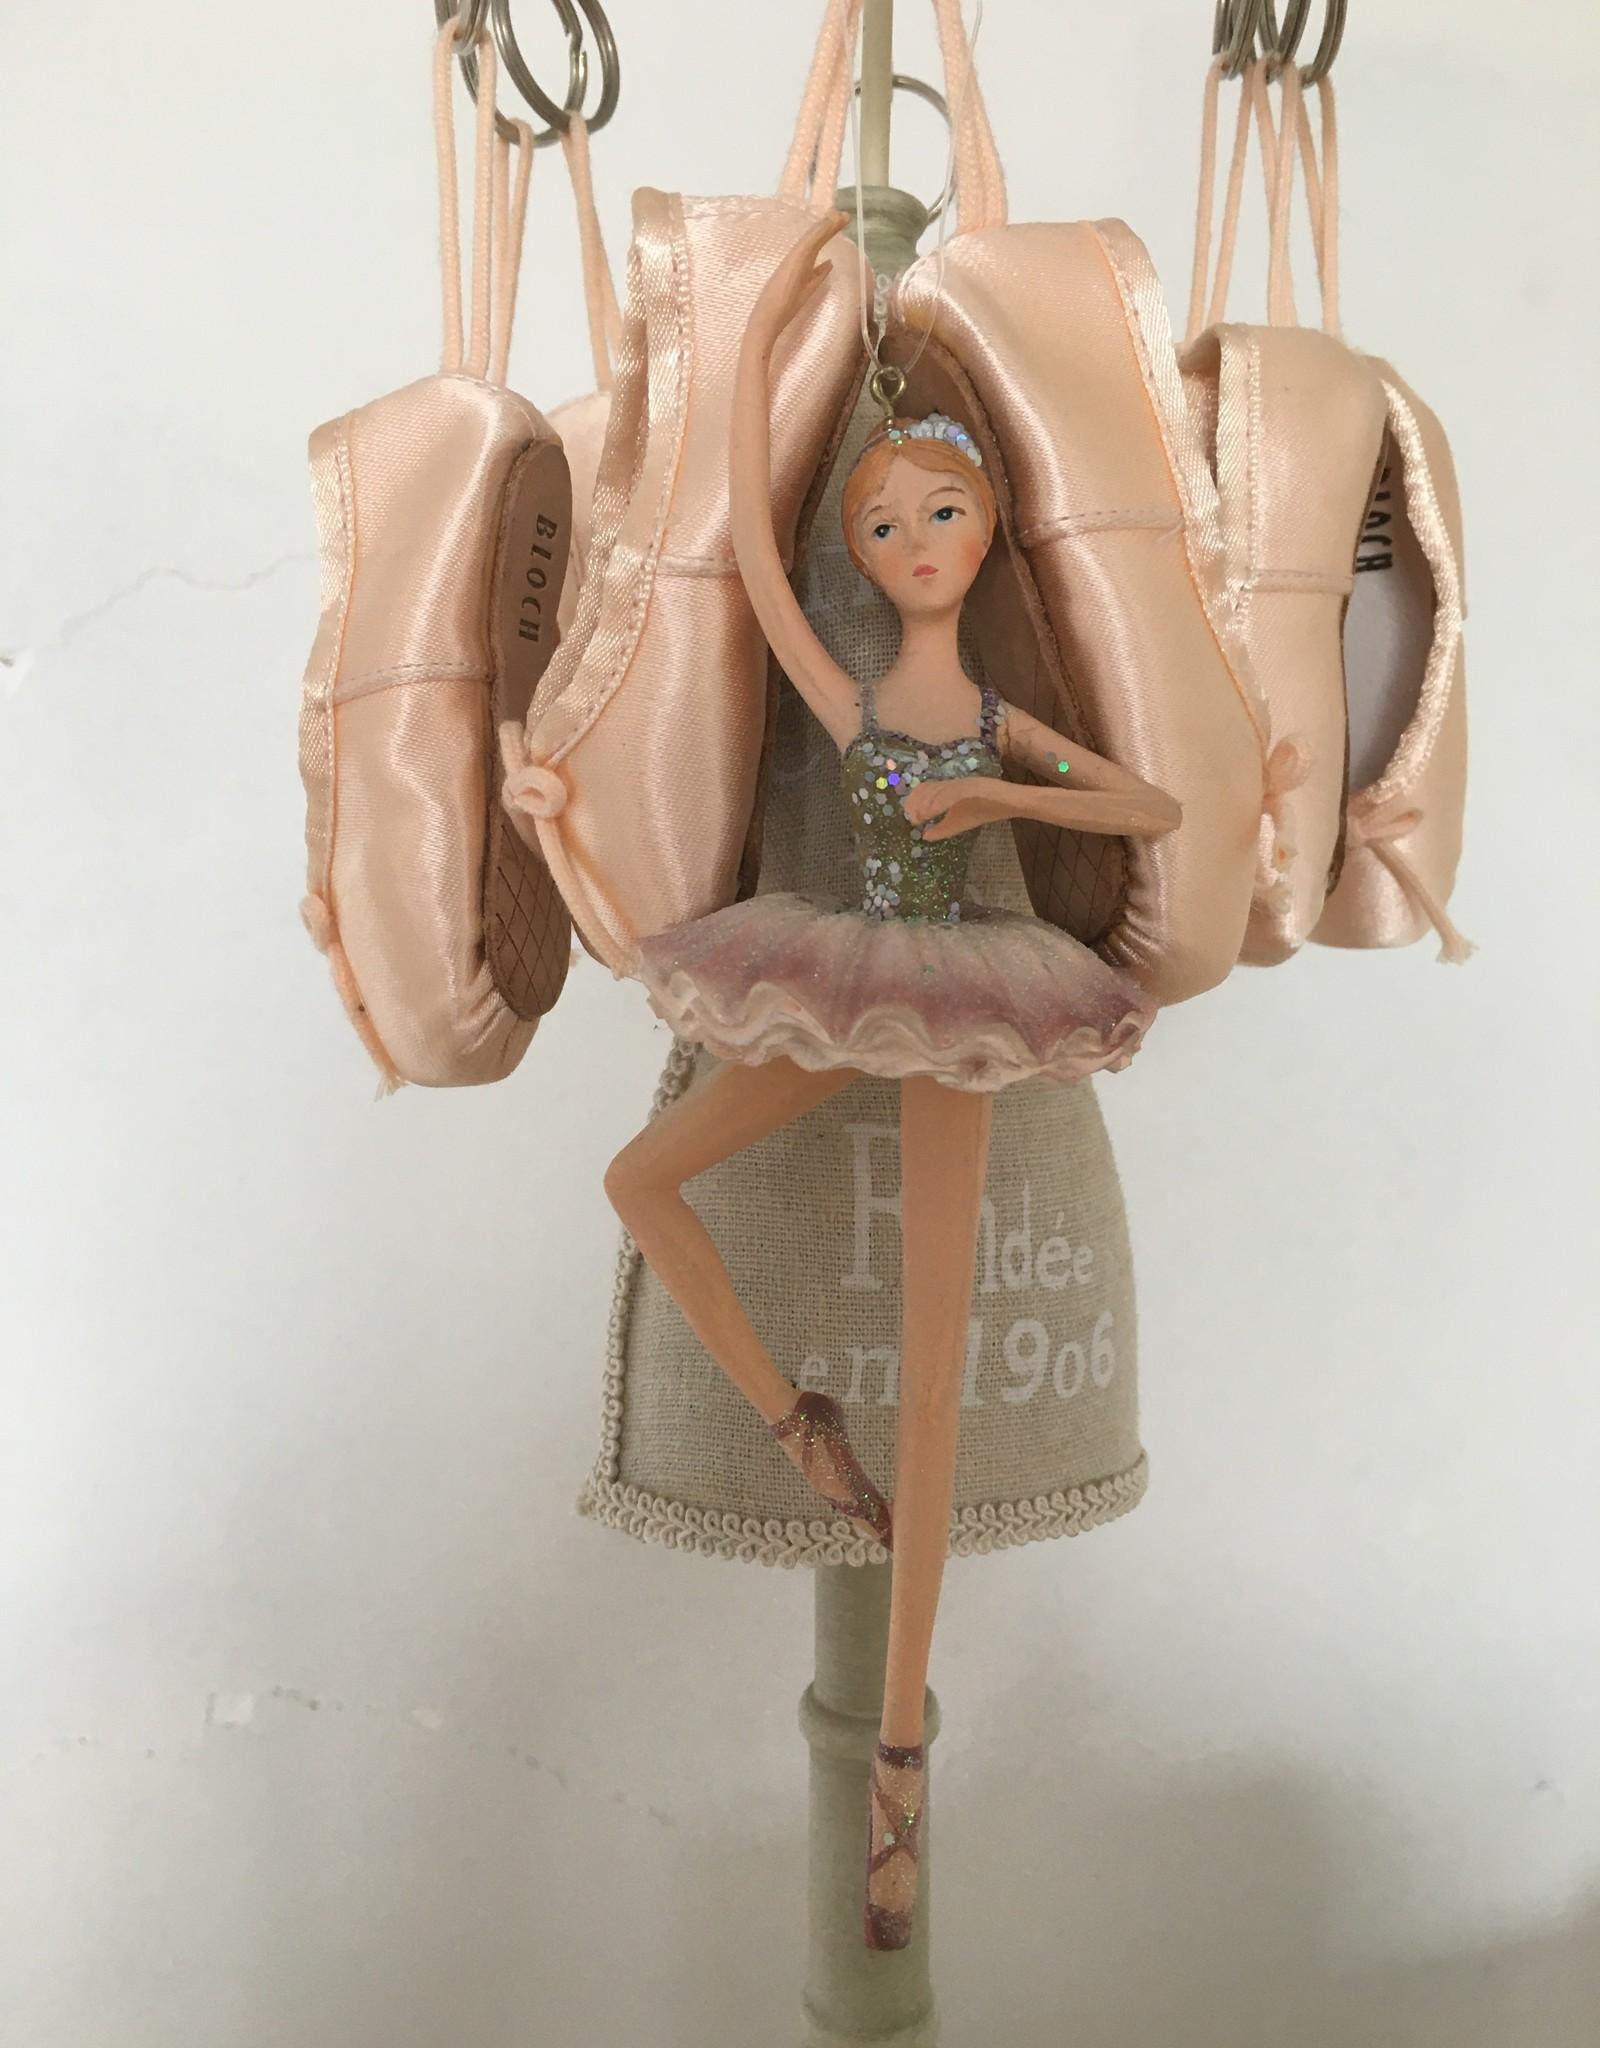 Goodwill Goodwill porseleinen ballerina hanger